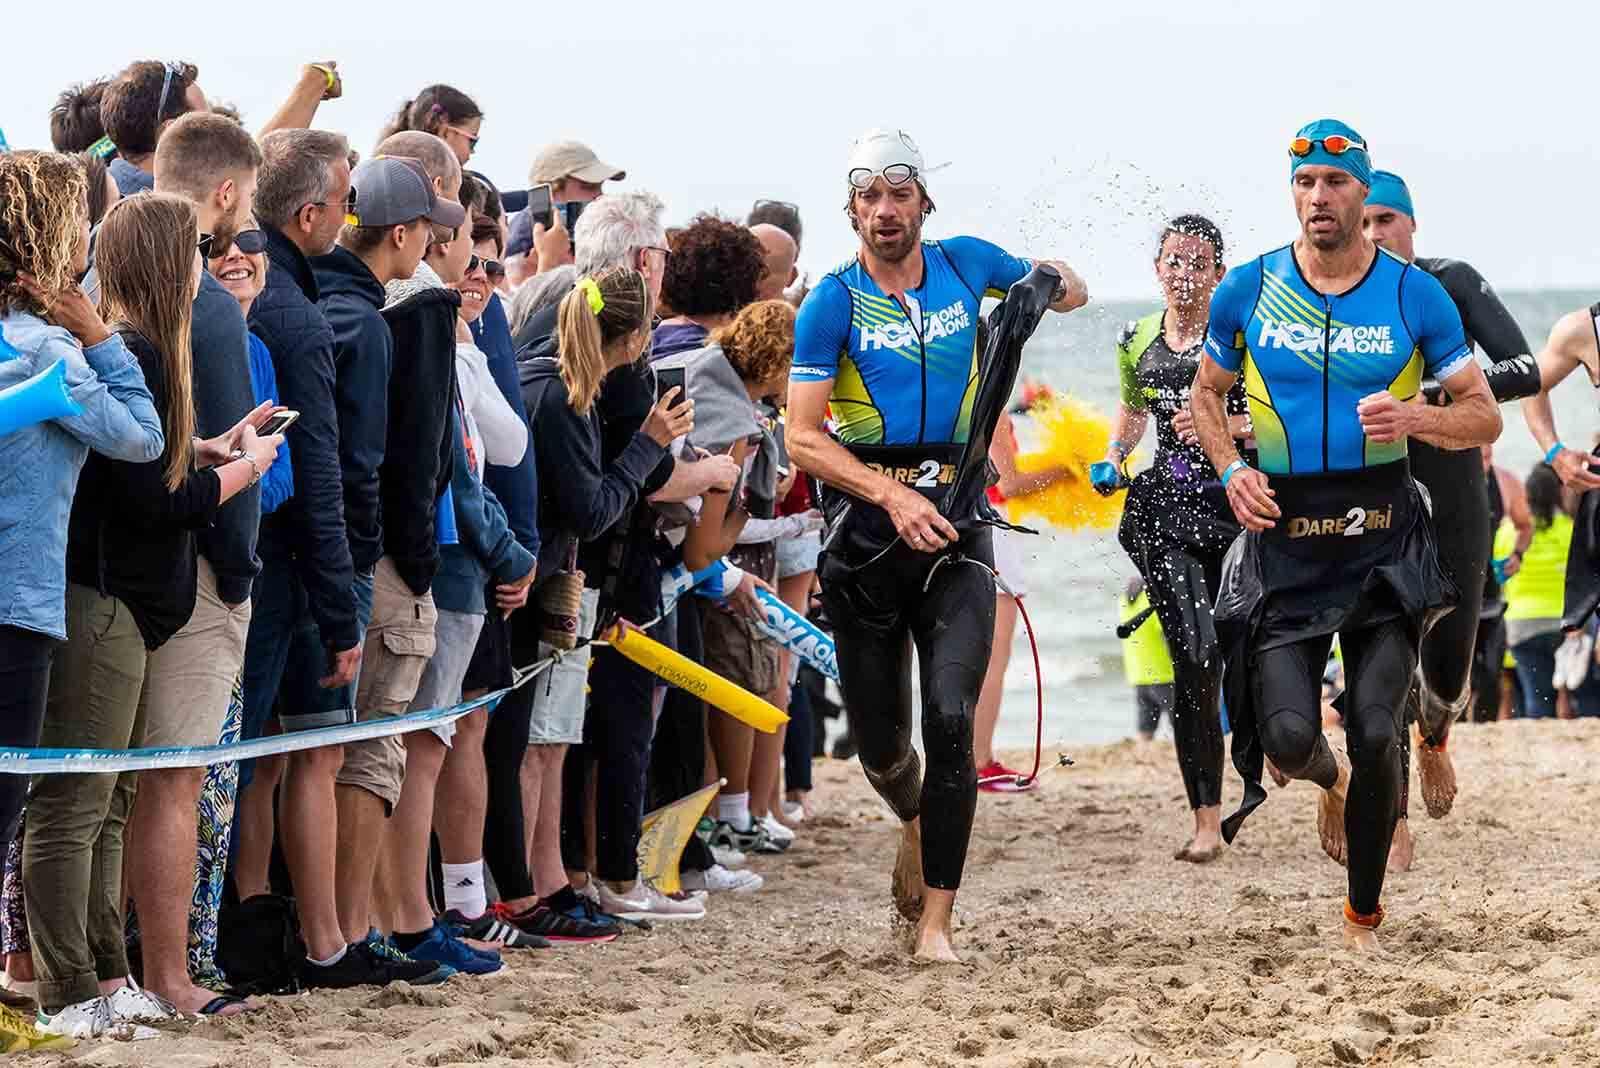 HOKA athletes Antoine Perel and Olivier Lyoen running on the beach at the 2018 Deauville Triathlon